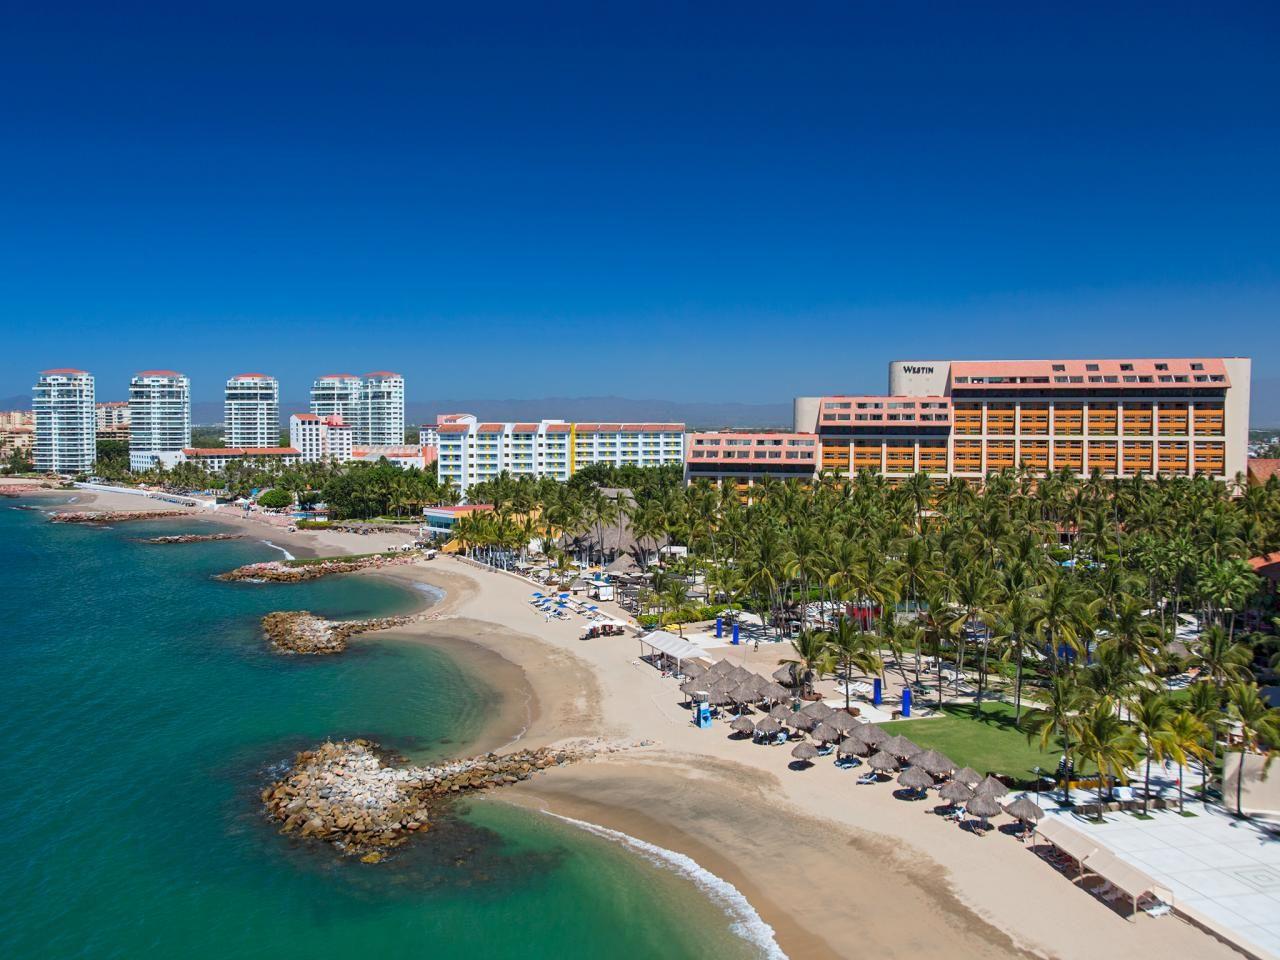 Adhara Hacienda Cancun Hotel Grand Fiesta Americana Coral Beach Cancun Cancun Hotels Places